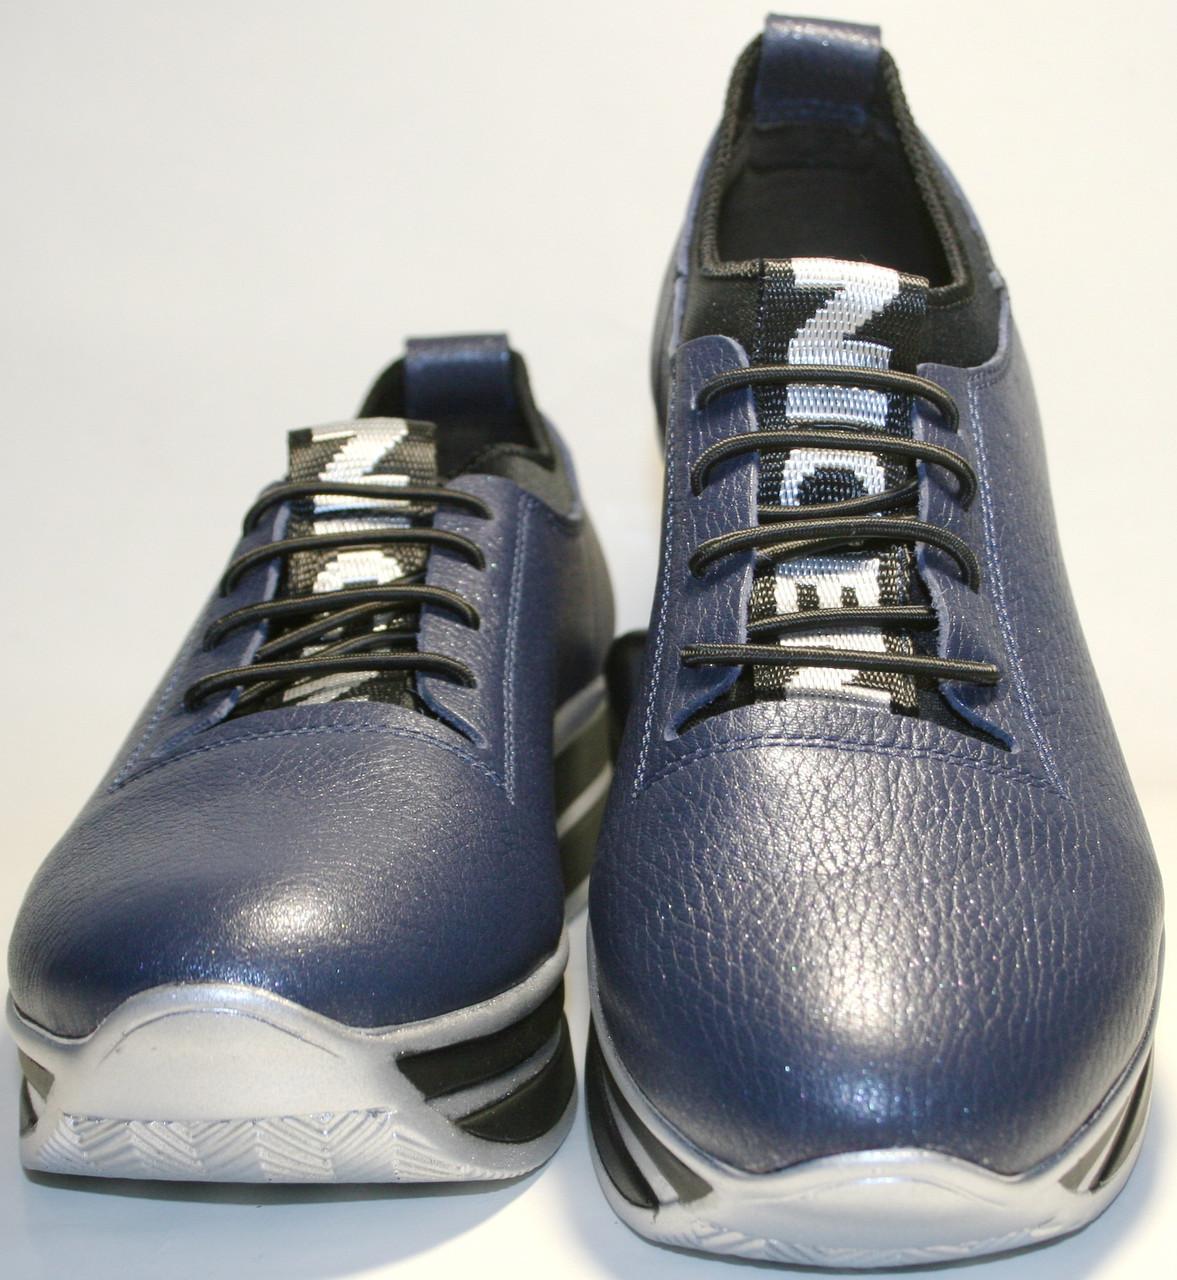 246492d7 Кроссовки на высокой подошве без шнурков - Интернет-магазин